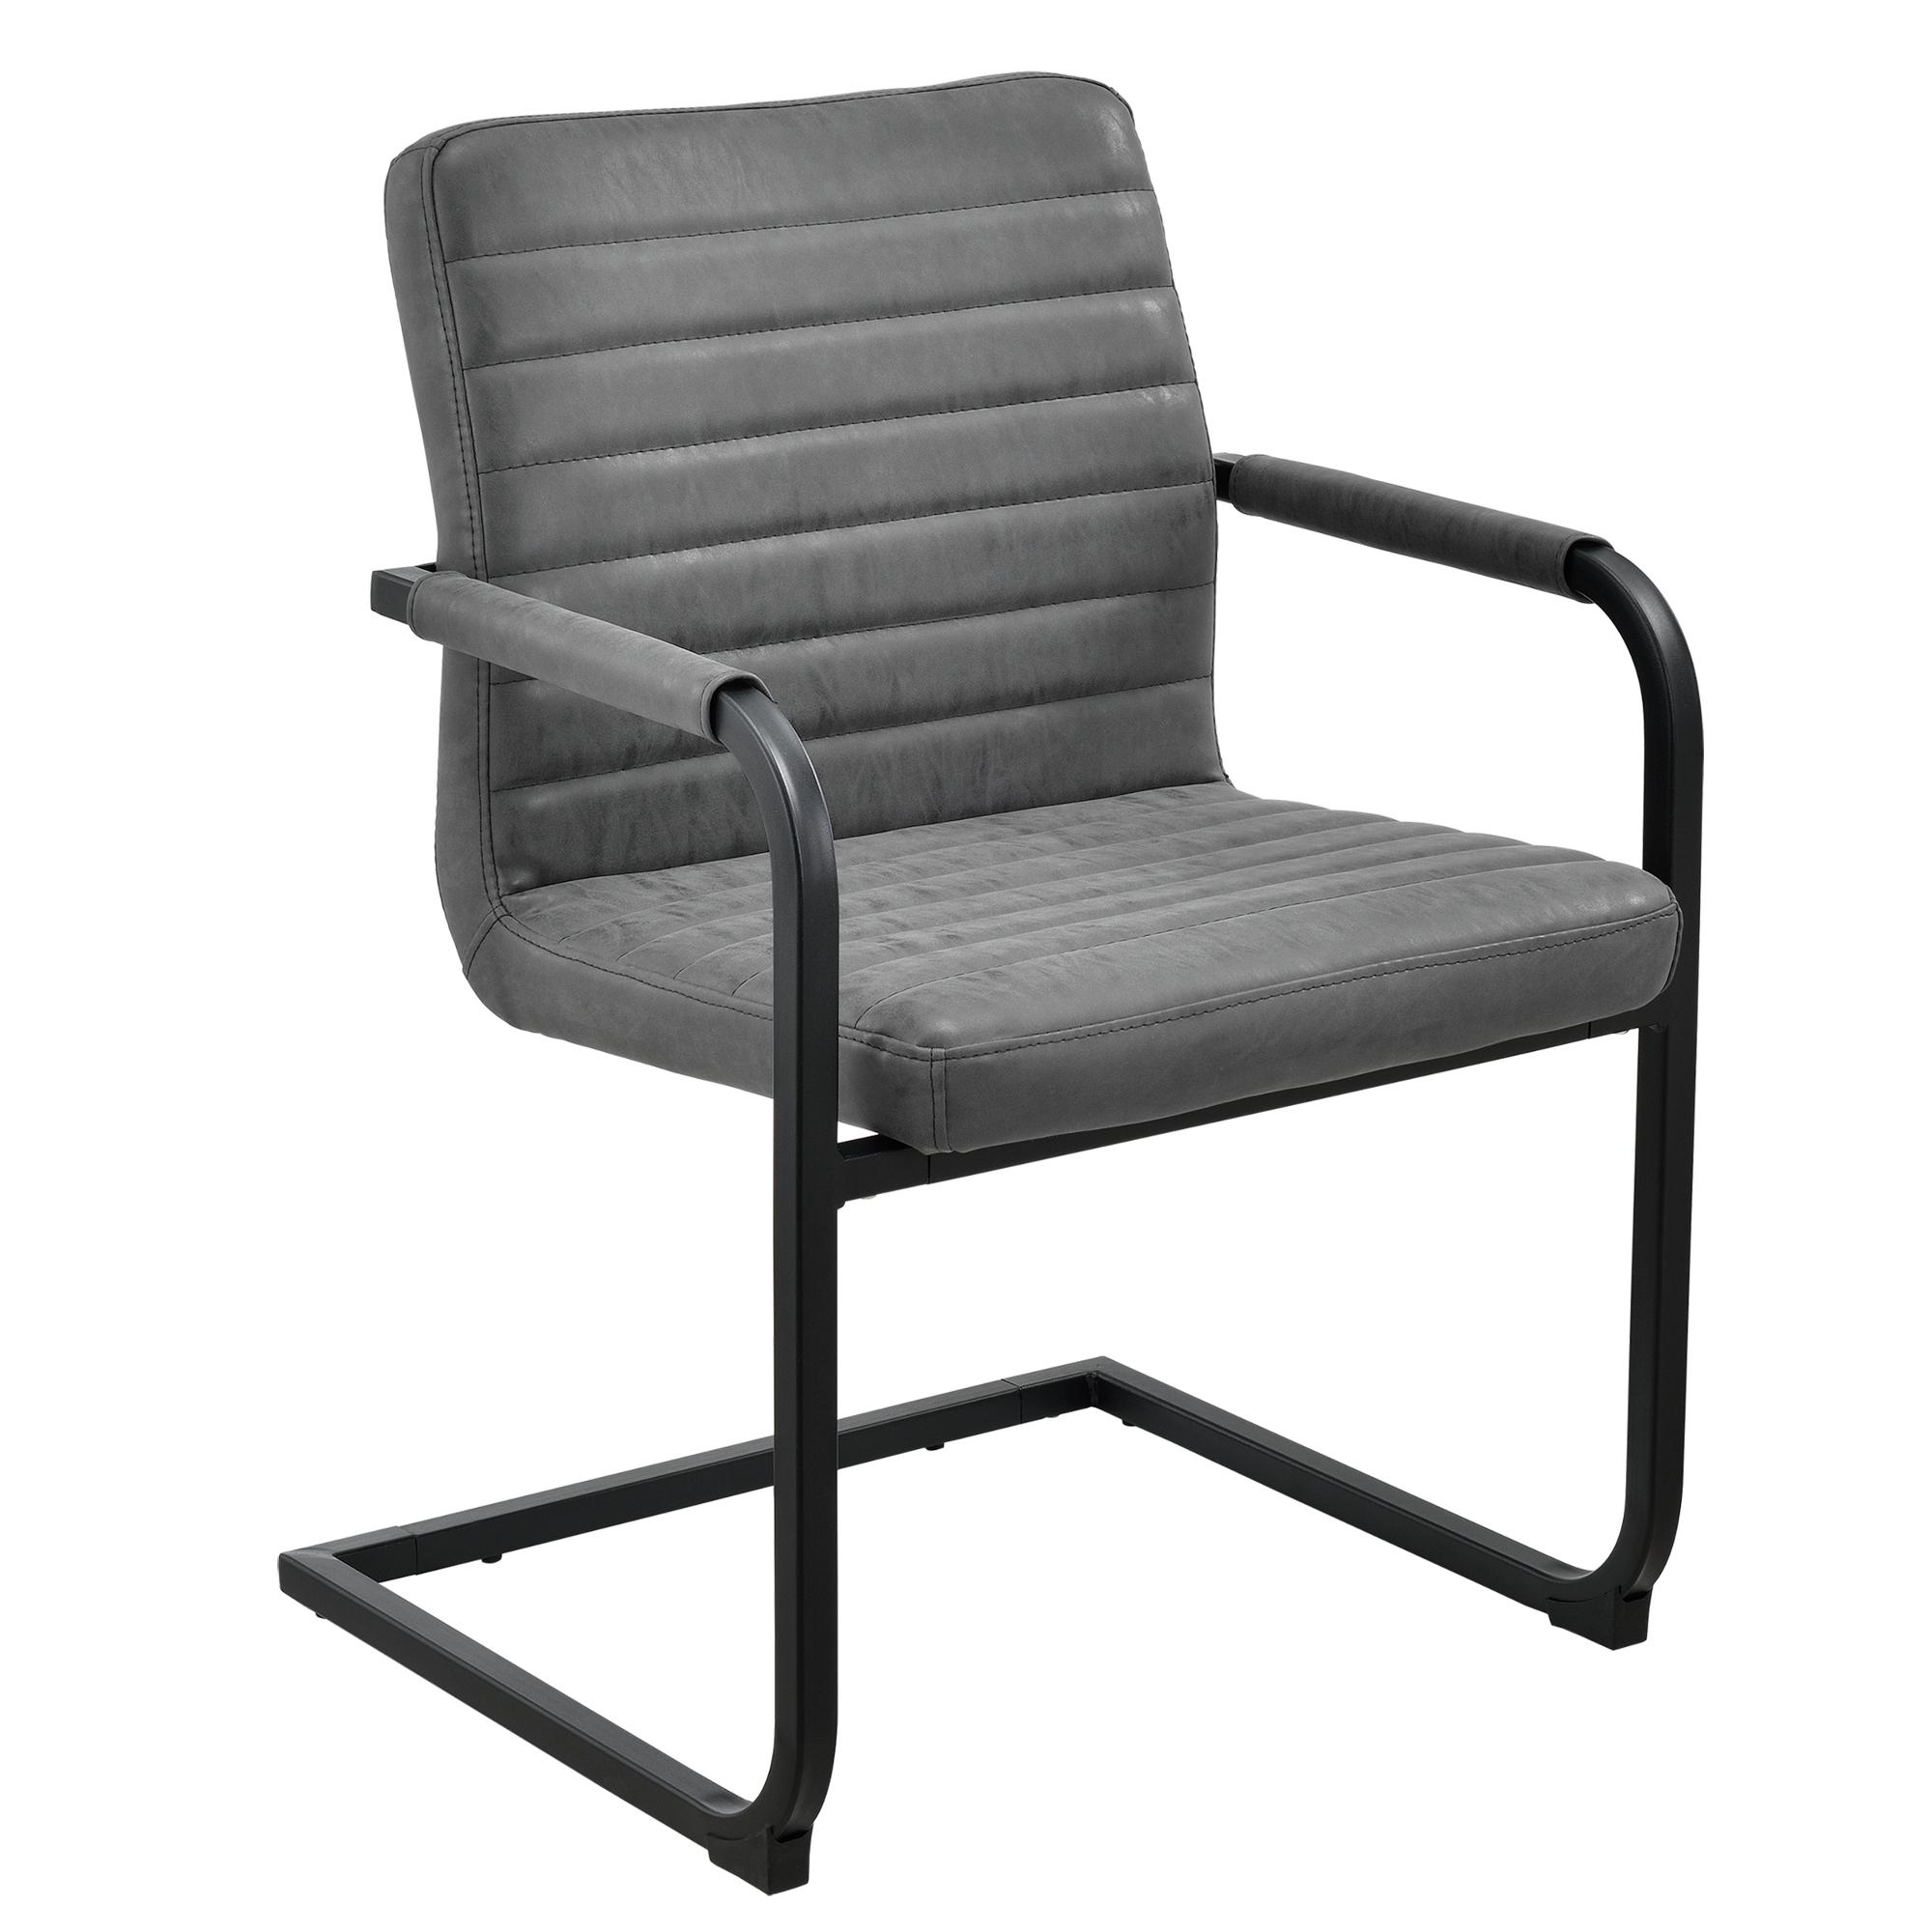 6x sedie sedia cantilever grigio 86x60cm sala da pranzo dondolo sedia - Sedia cantilever ...